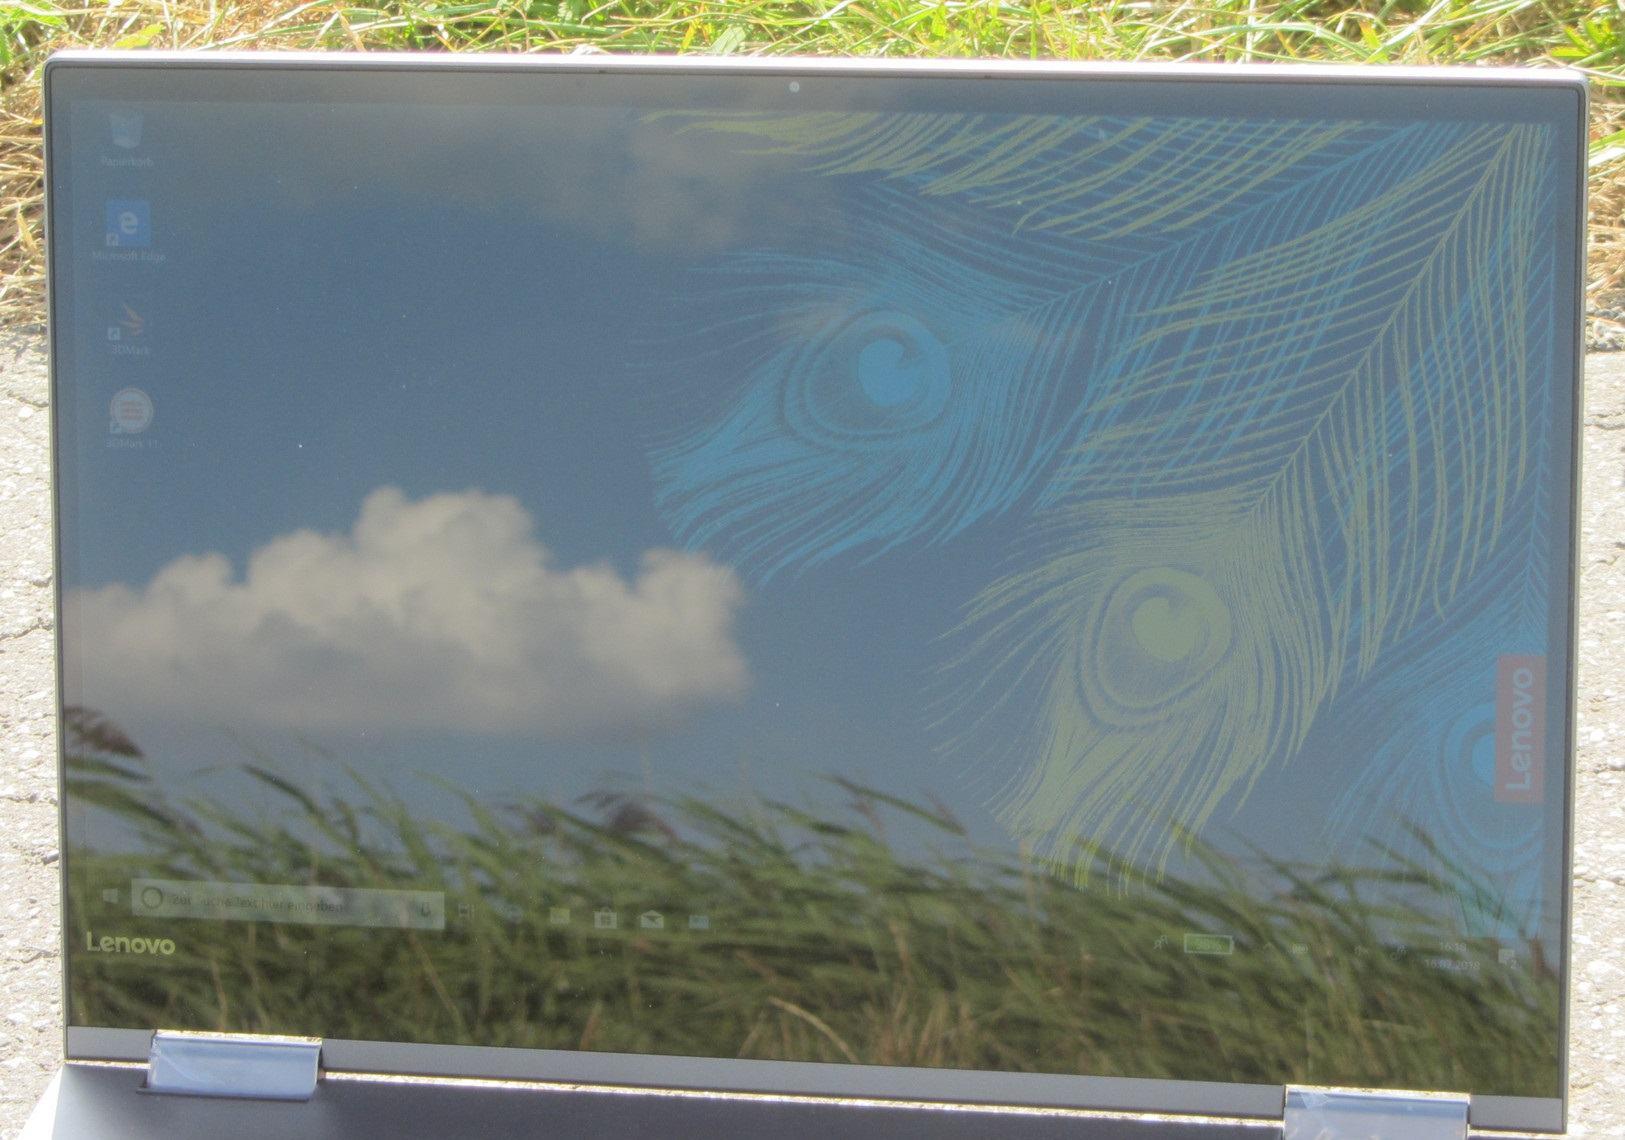 Lenovo Yoga 730-15IKB